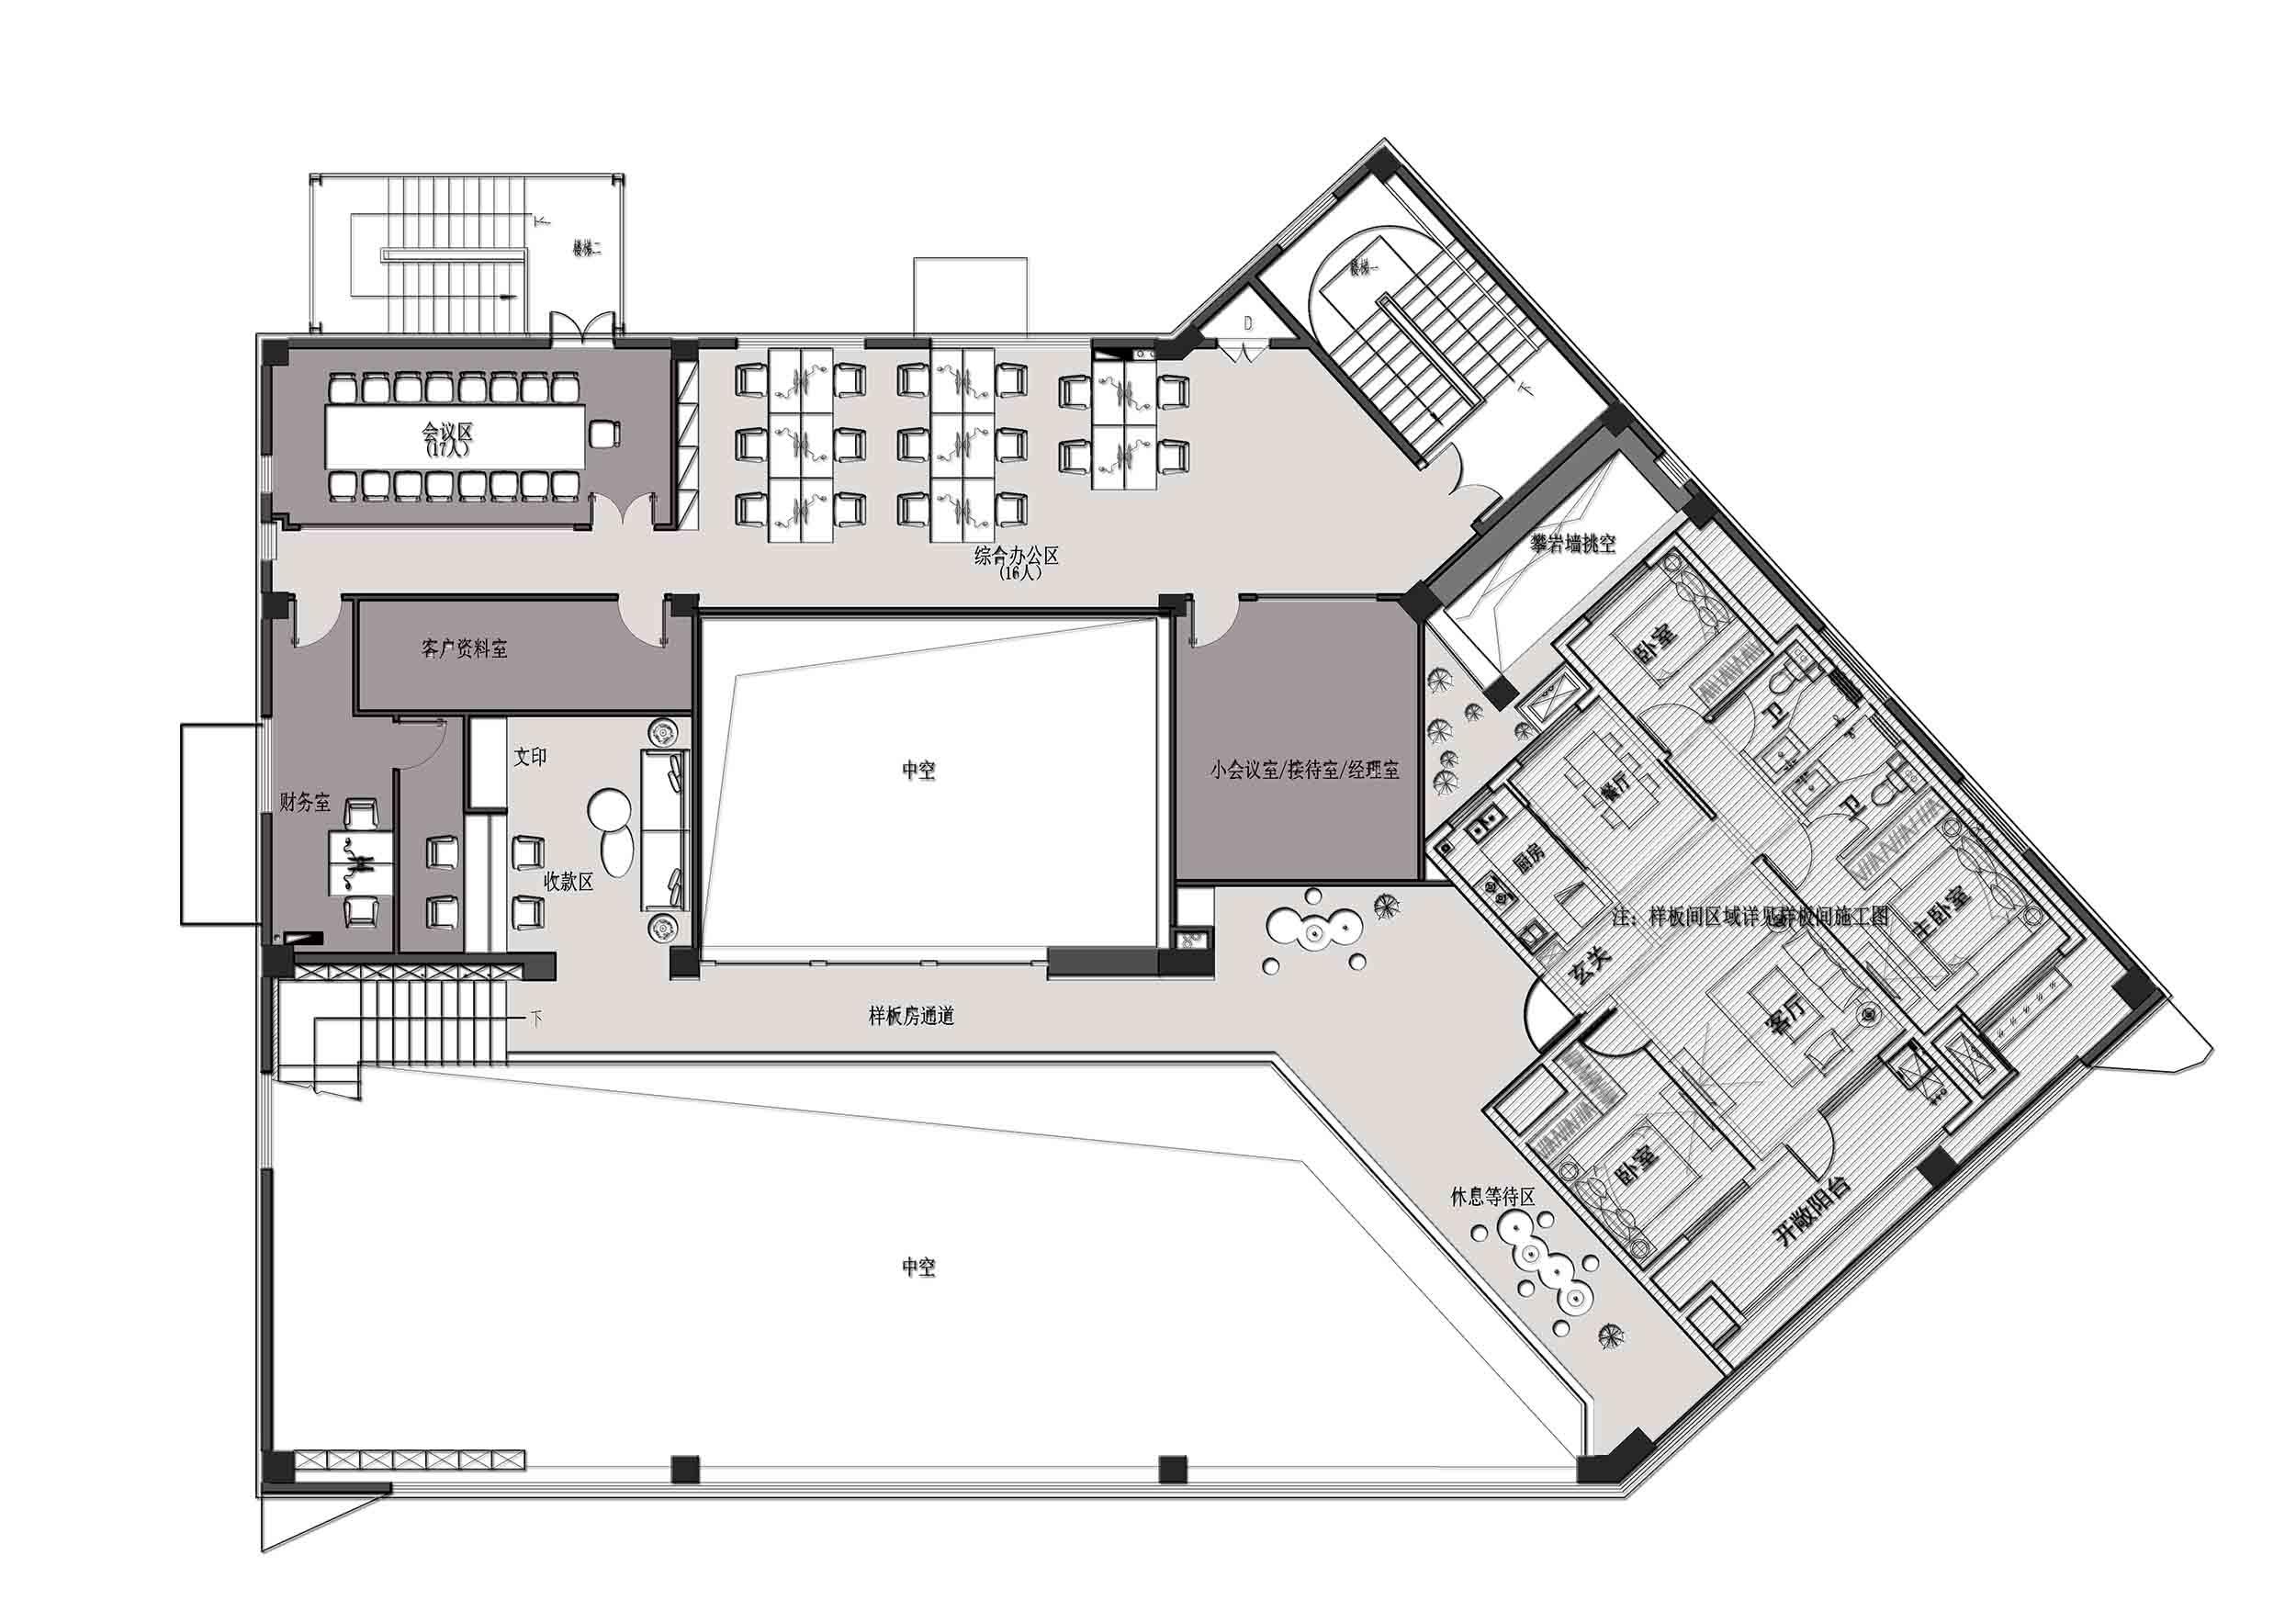 售楼中心设计案例,售楼中心实景图案例,售楼中心设计实景图